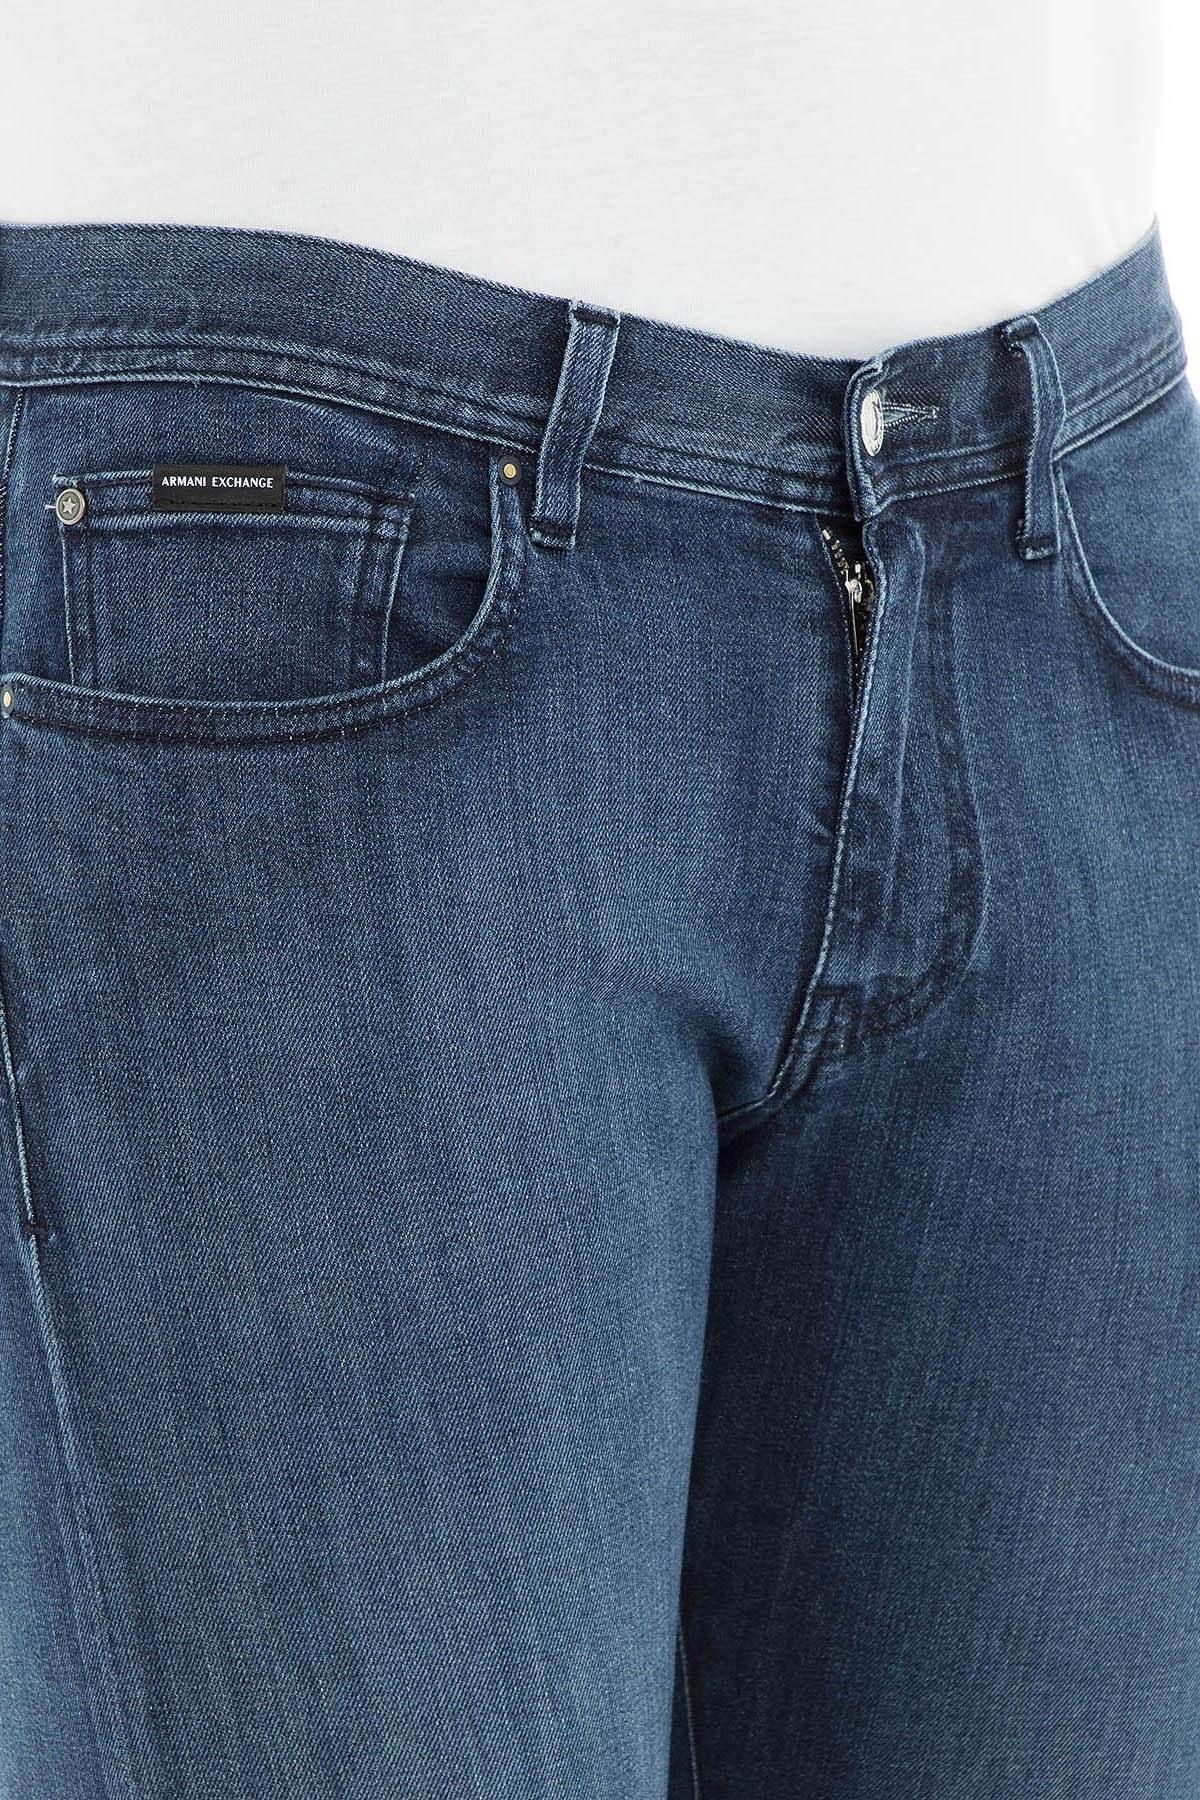 Armani Exchange J13 Jeans Erkek Kot Pantolon 3GZJ13 Z1ECZ 1500 İNDİGO